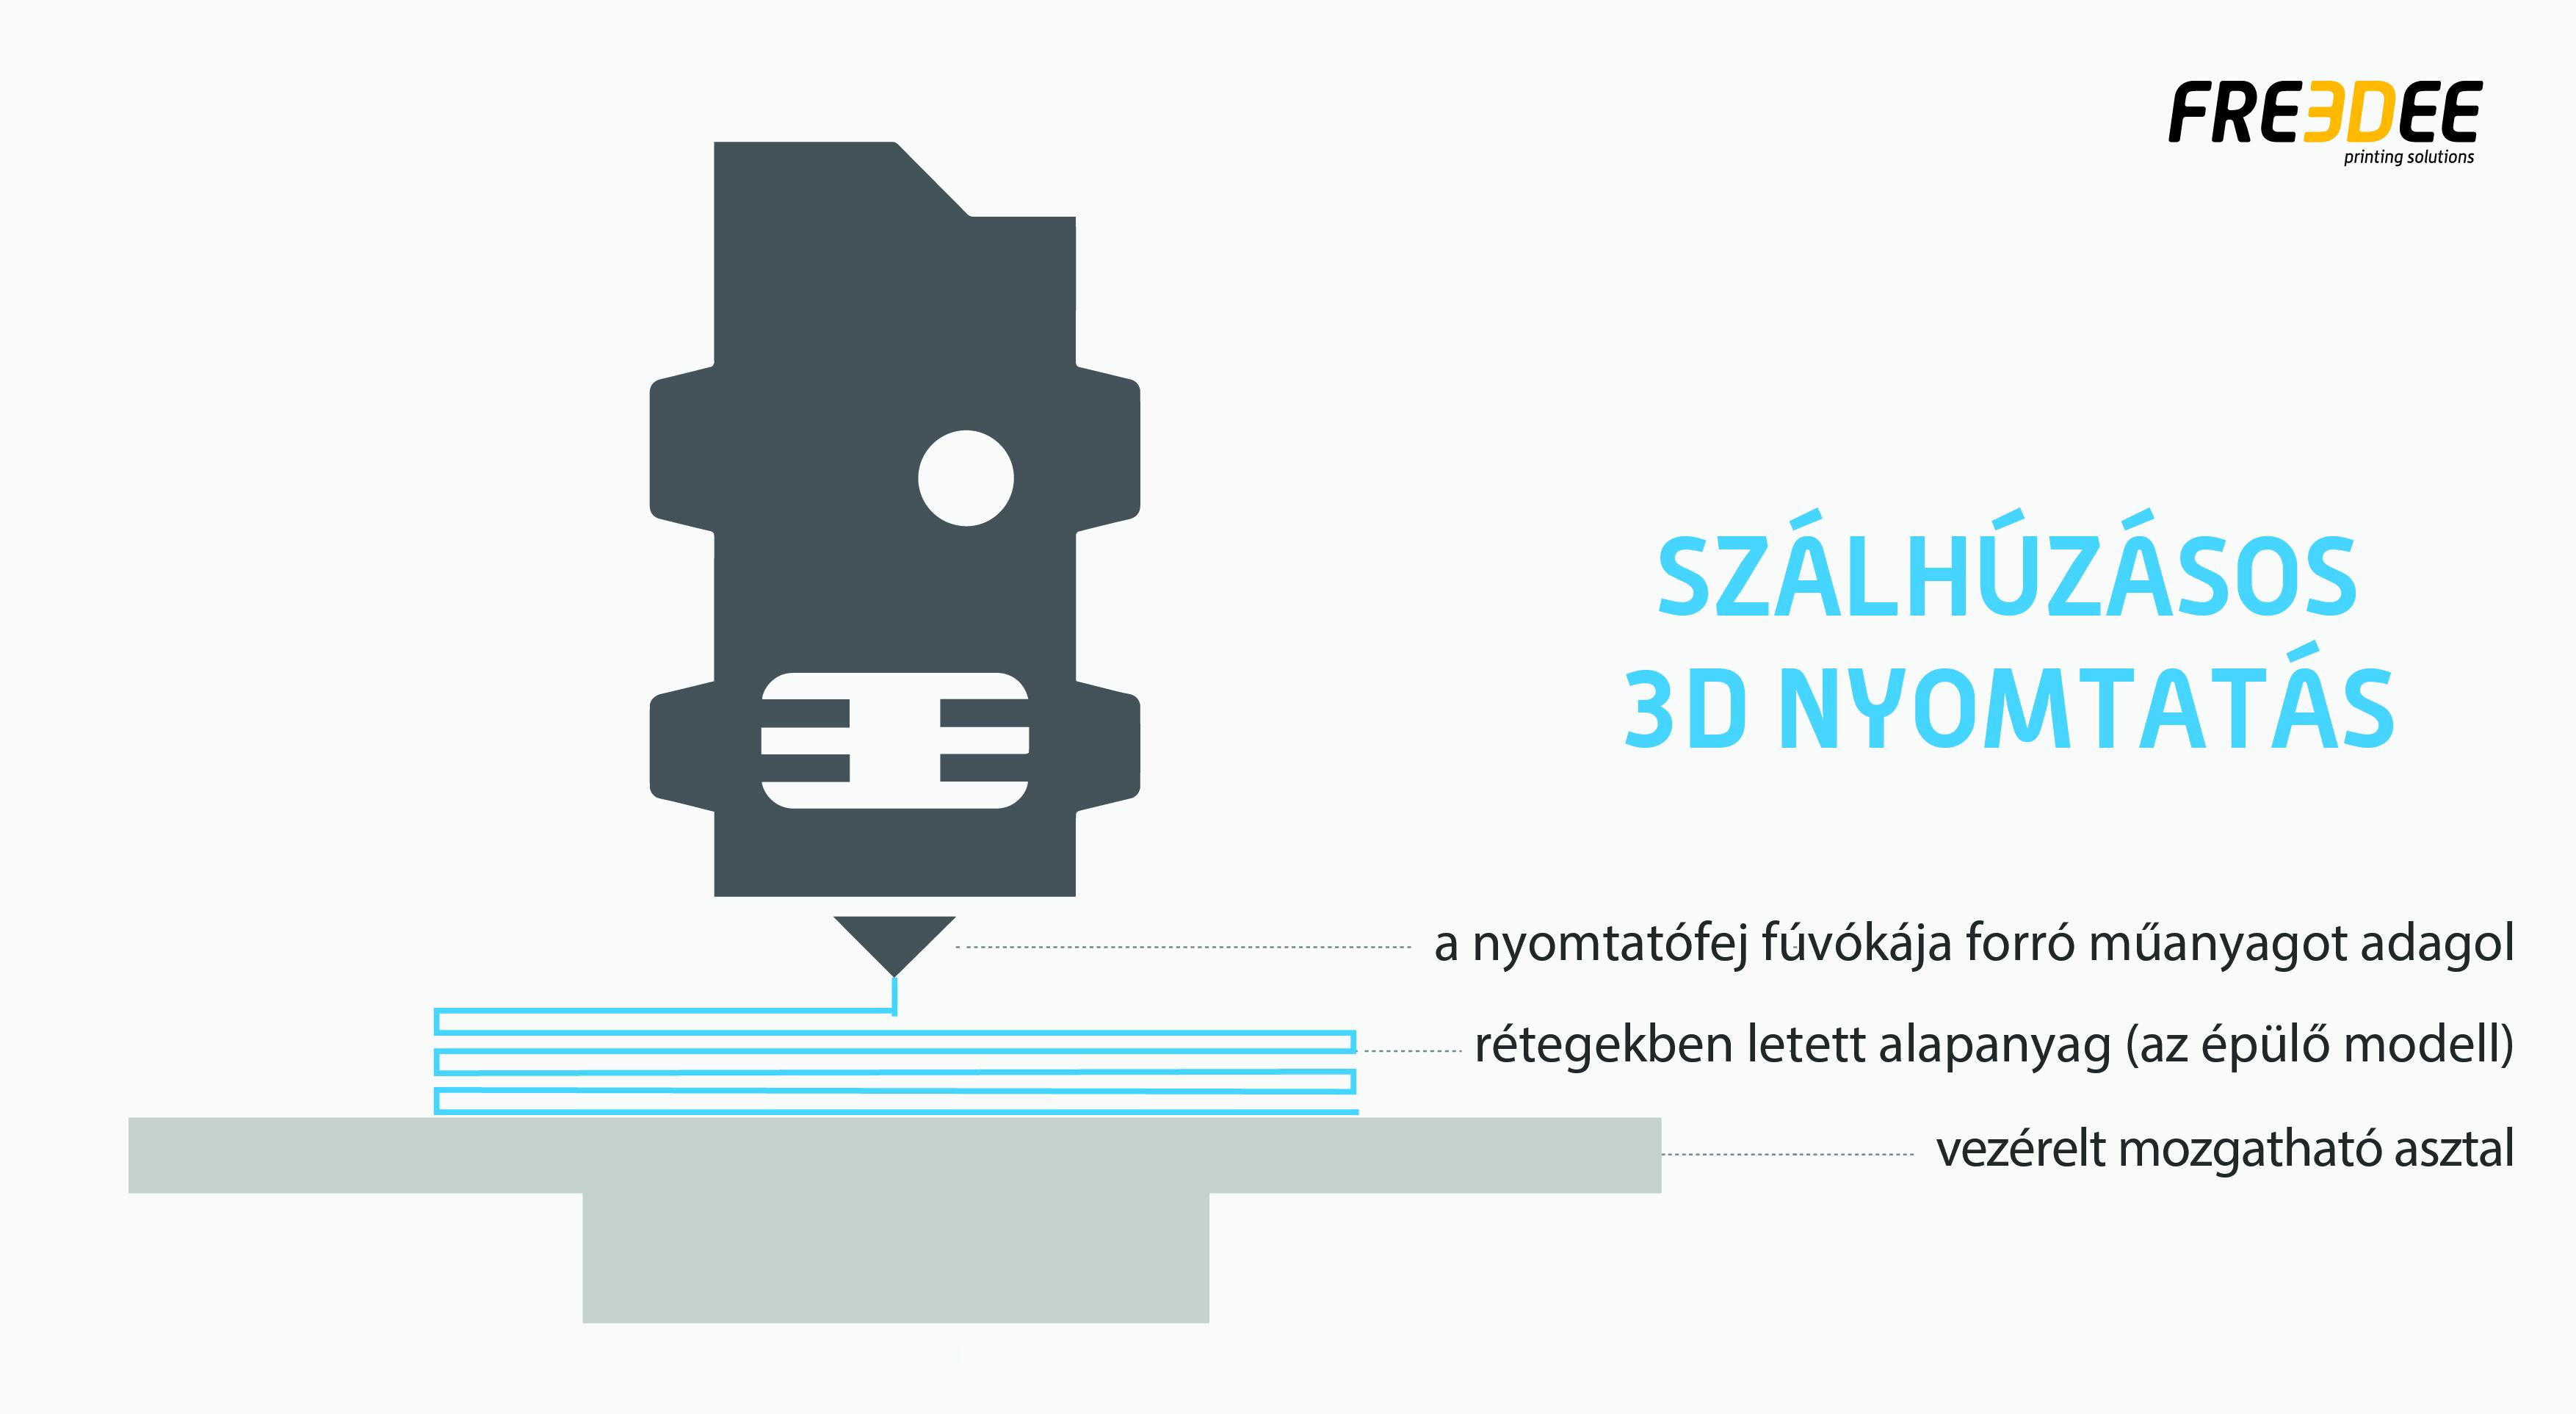 2ba7c315d8 ... A bevezető 3D nyomtatás oktatás közben pedig nyugodtan kérdezz, hiszen  nem lehet véletlen, hogy érdekel a technológia, szinte biztosan valamilyen  ...